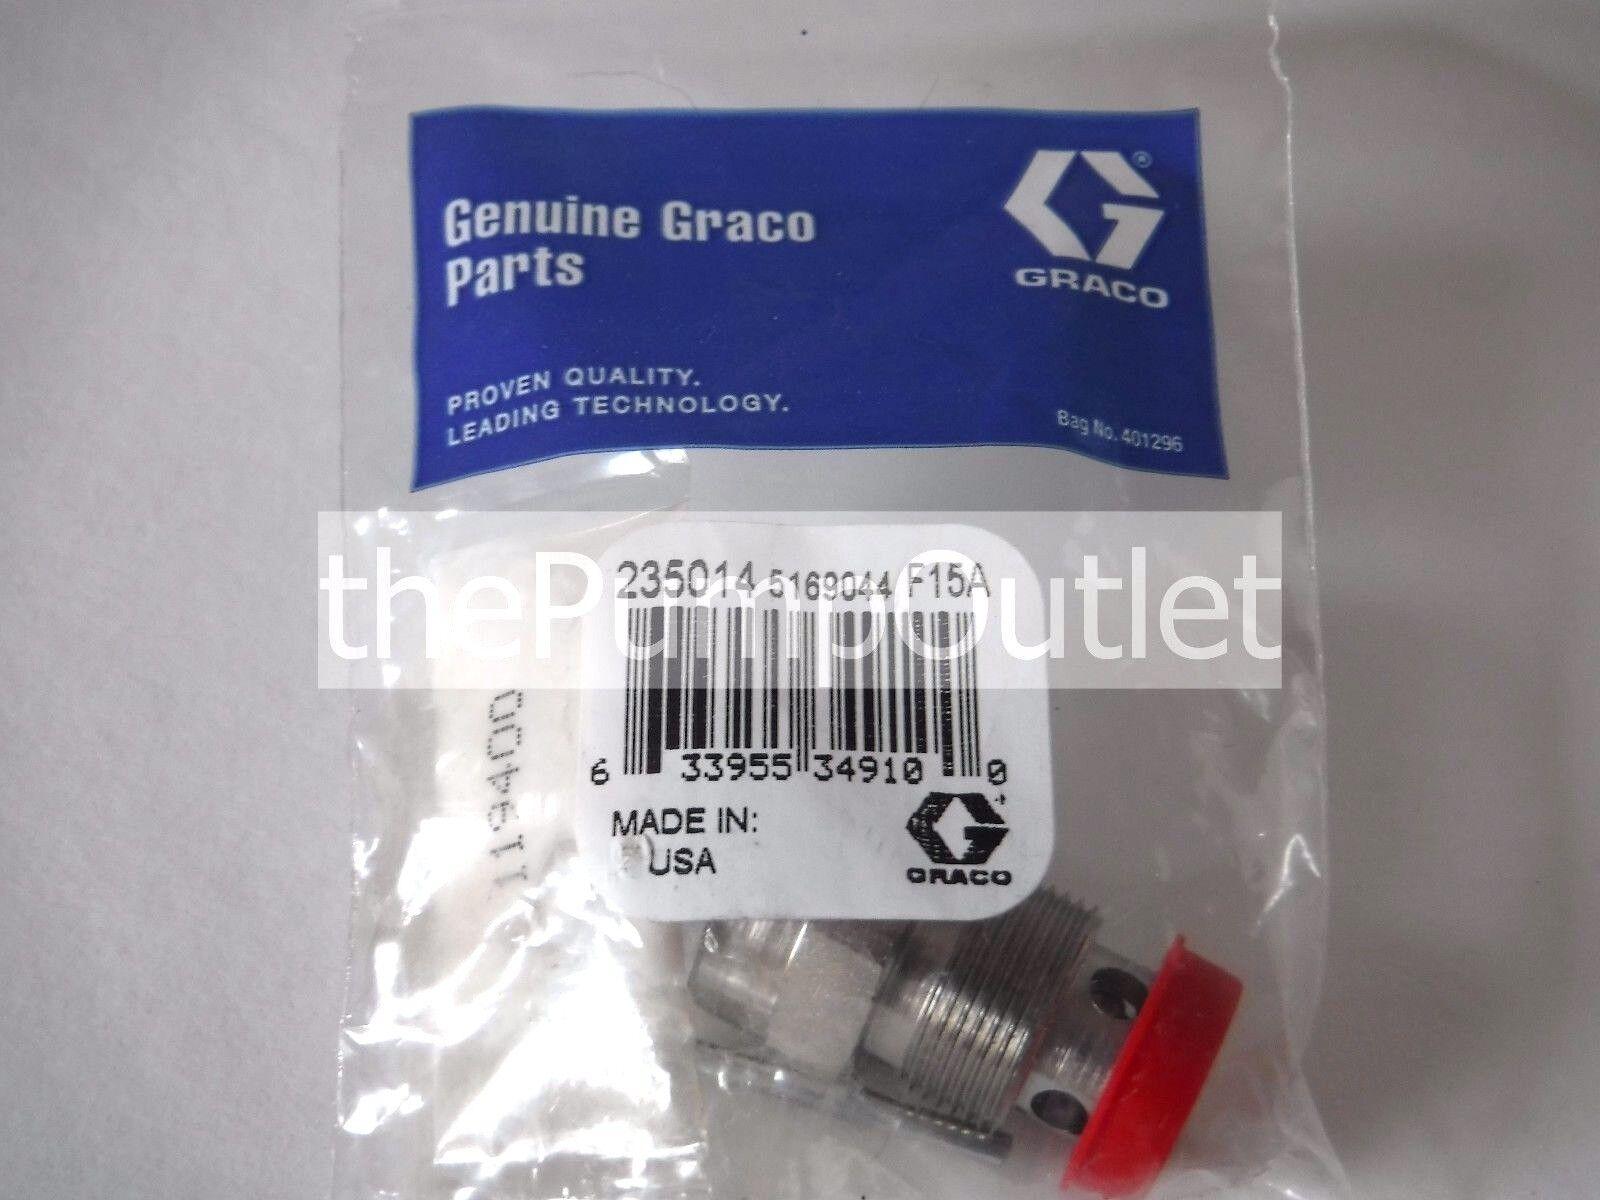 GRACO 235014 PRIME SPRAY VALVE ORIGINAL EQUIPMENT 235-014 W